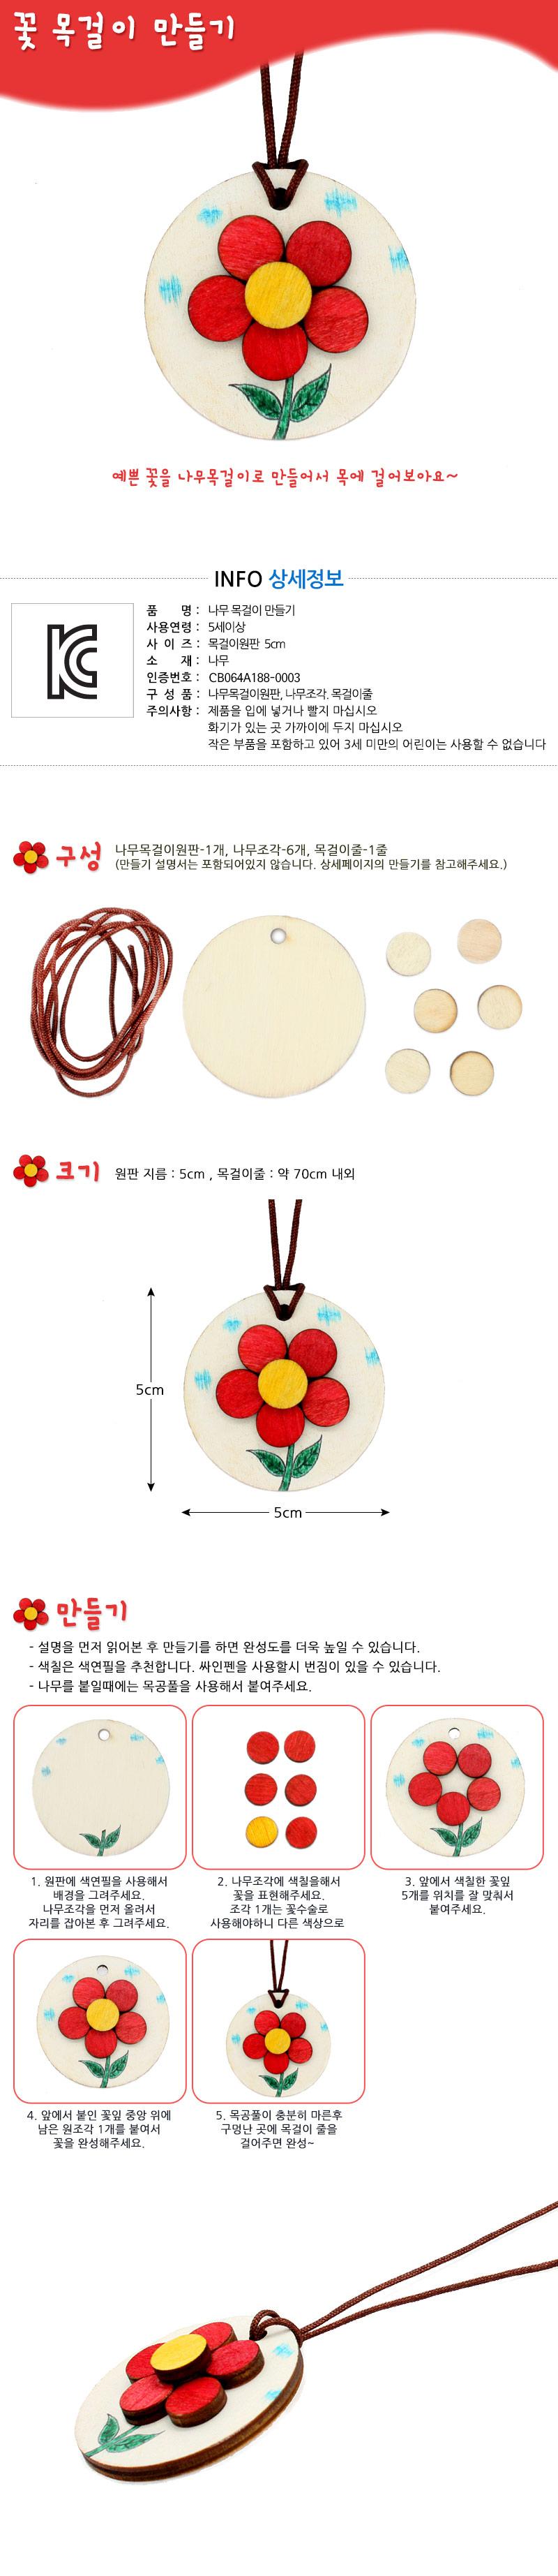 new나무목걸이만들기-꽃 - 에코키즈, 1,300원, 우드공예, 우드공예 패키지